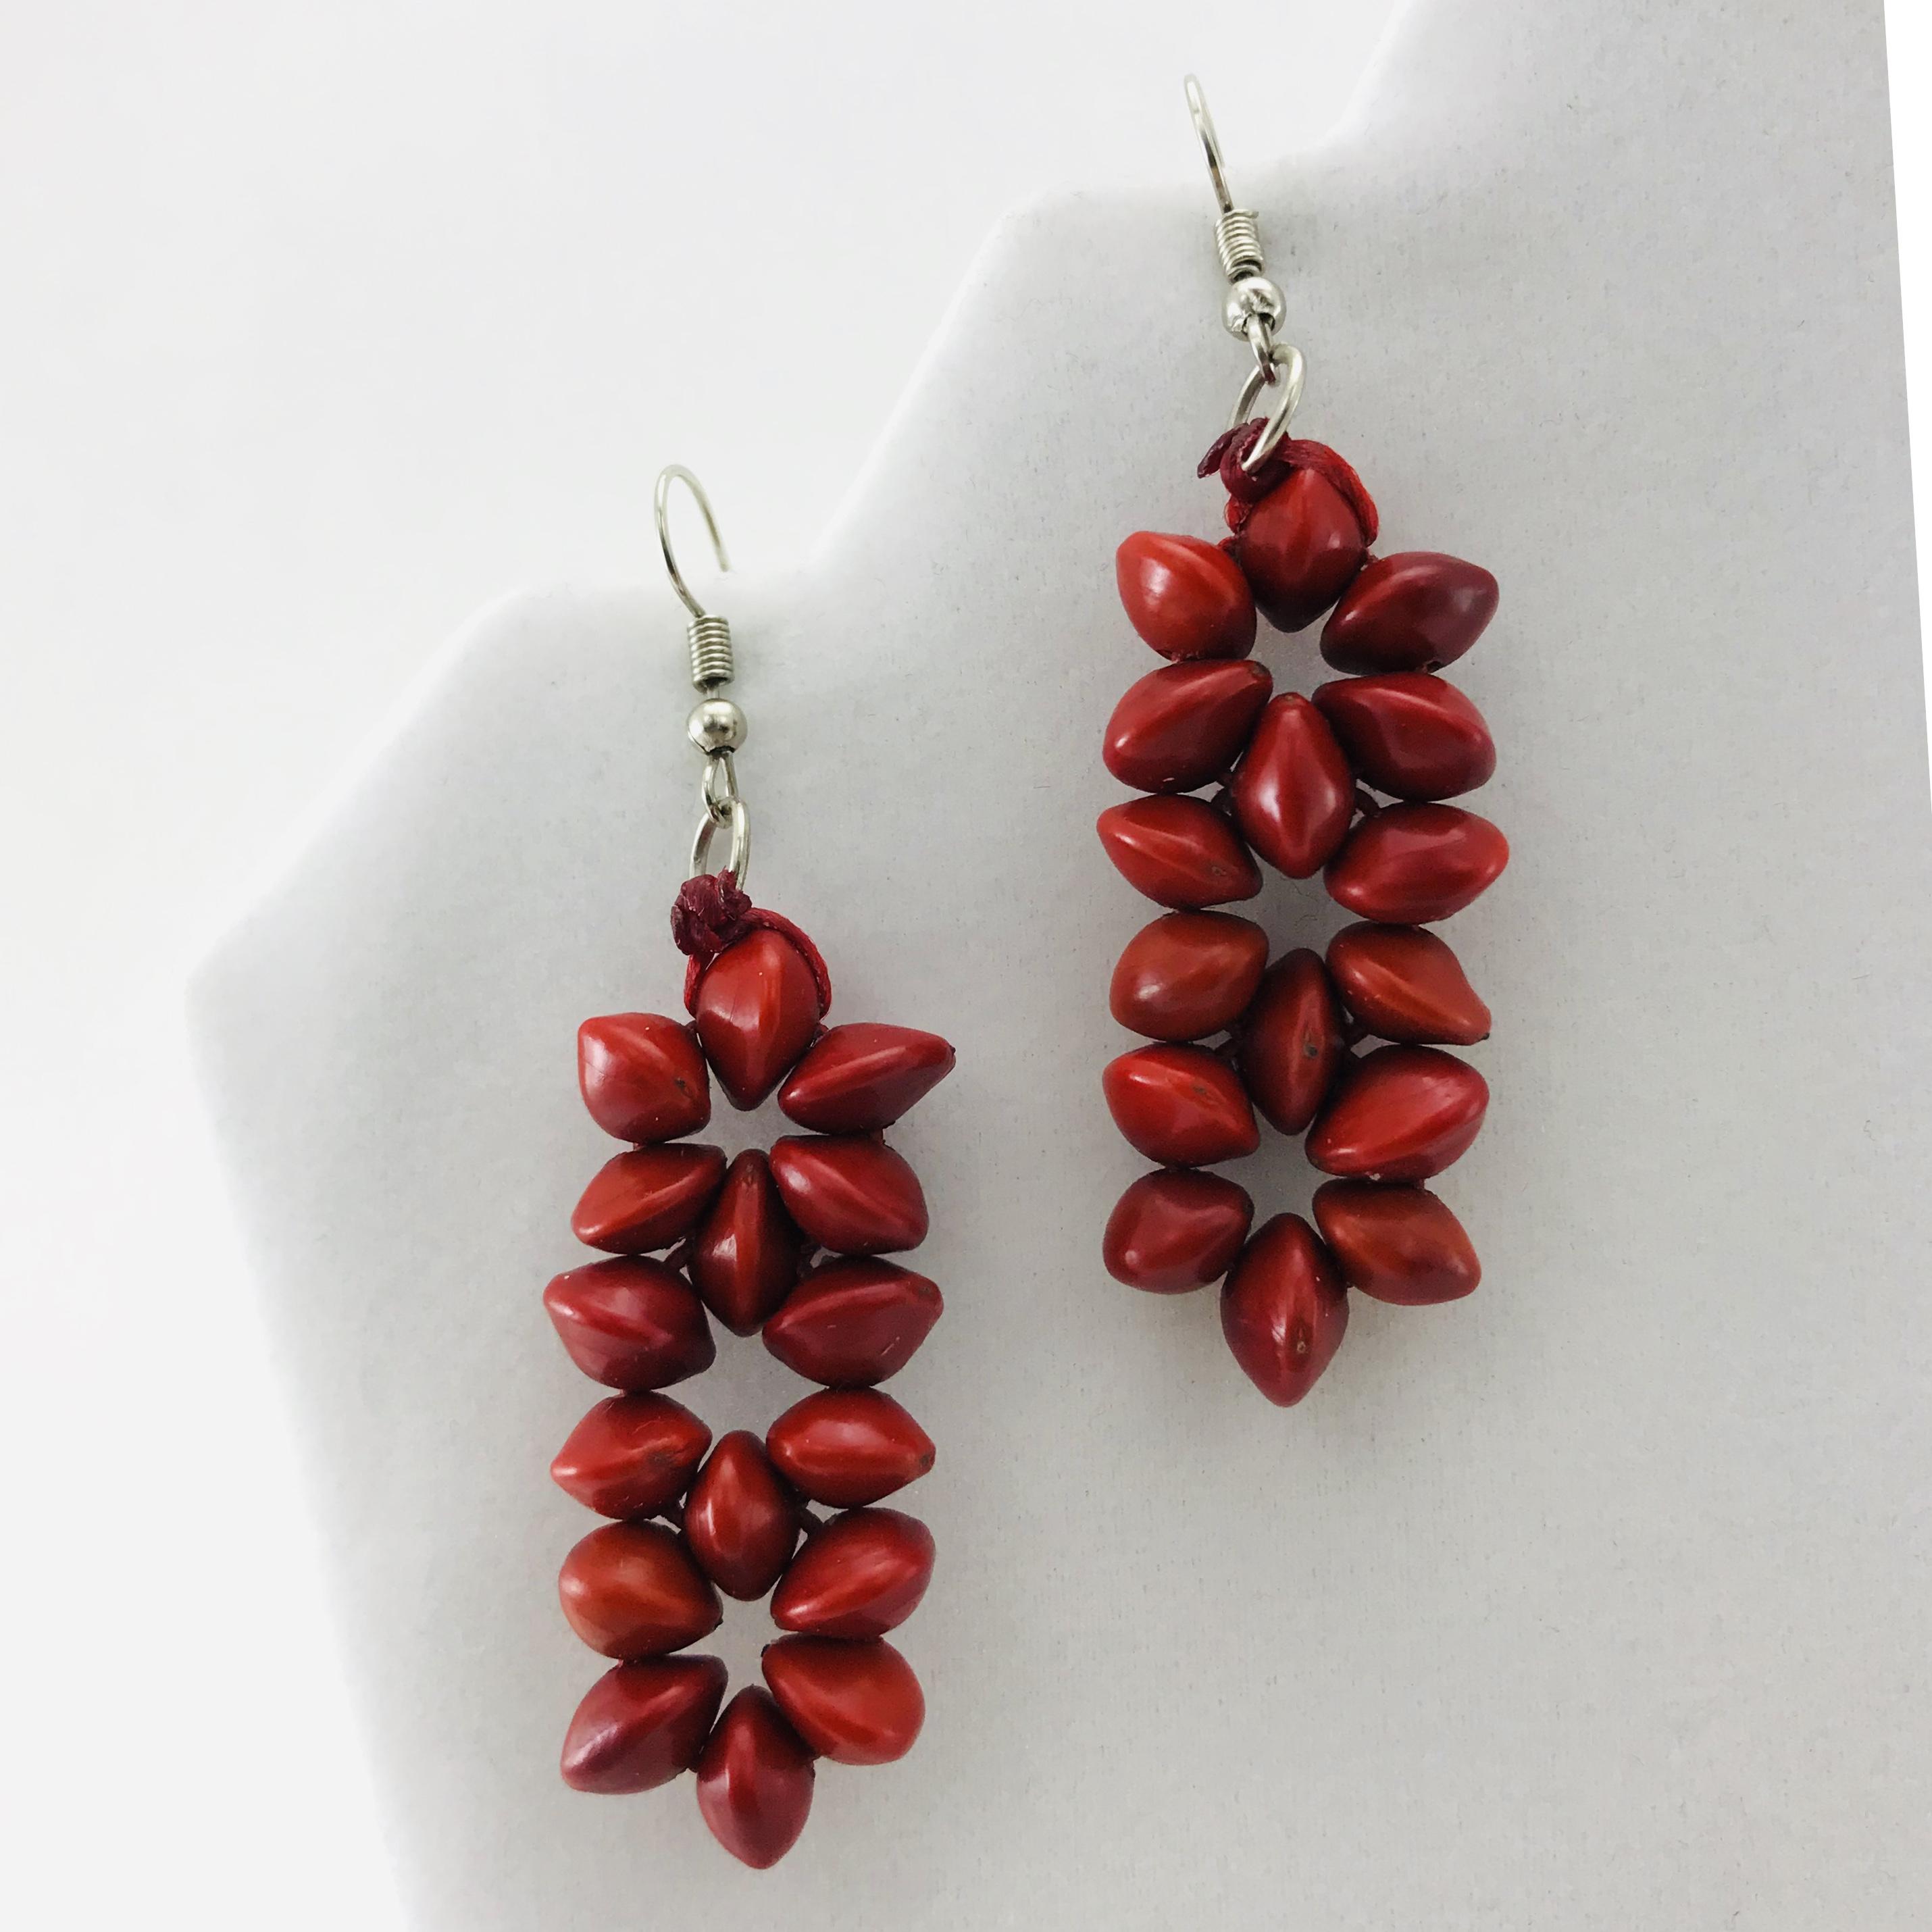 Les 3 Fleurs - Boucles d'oreilles graines naturelles - Rouge